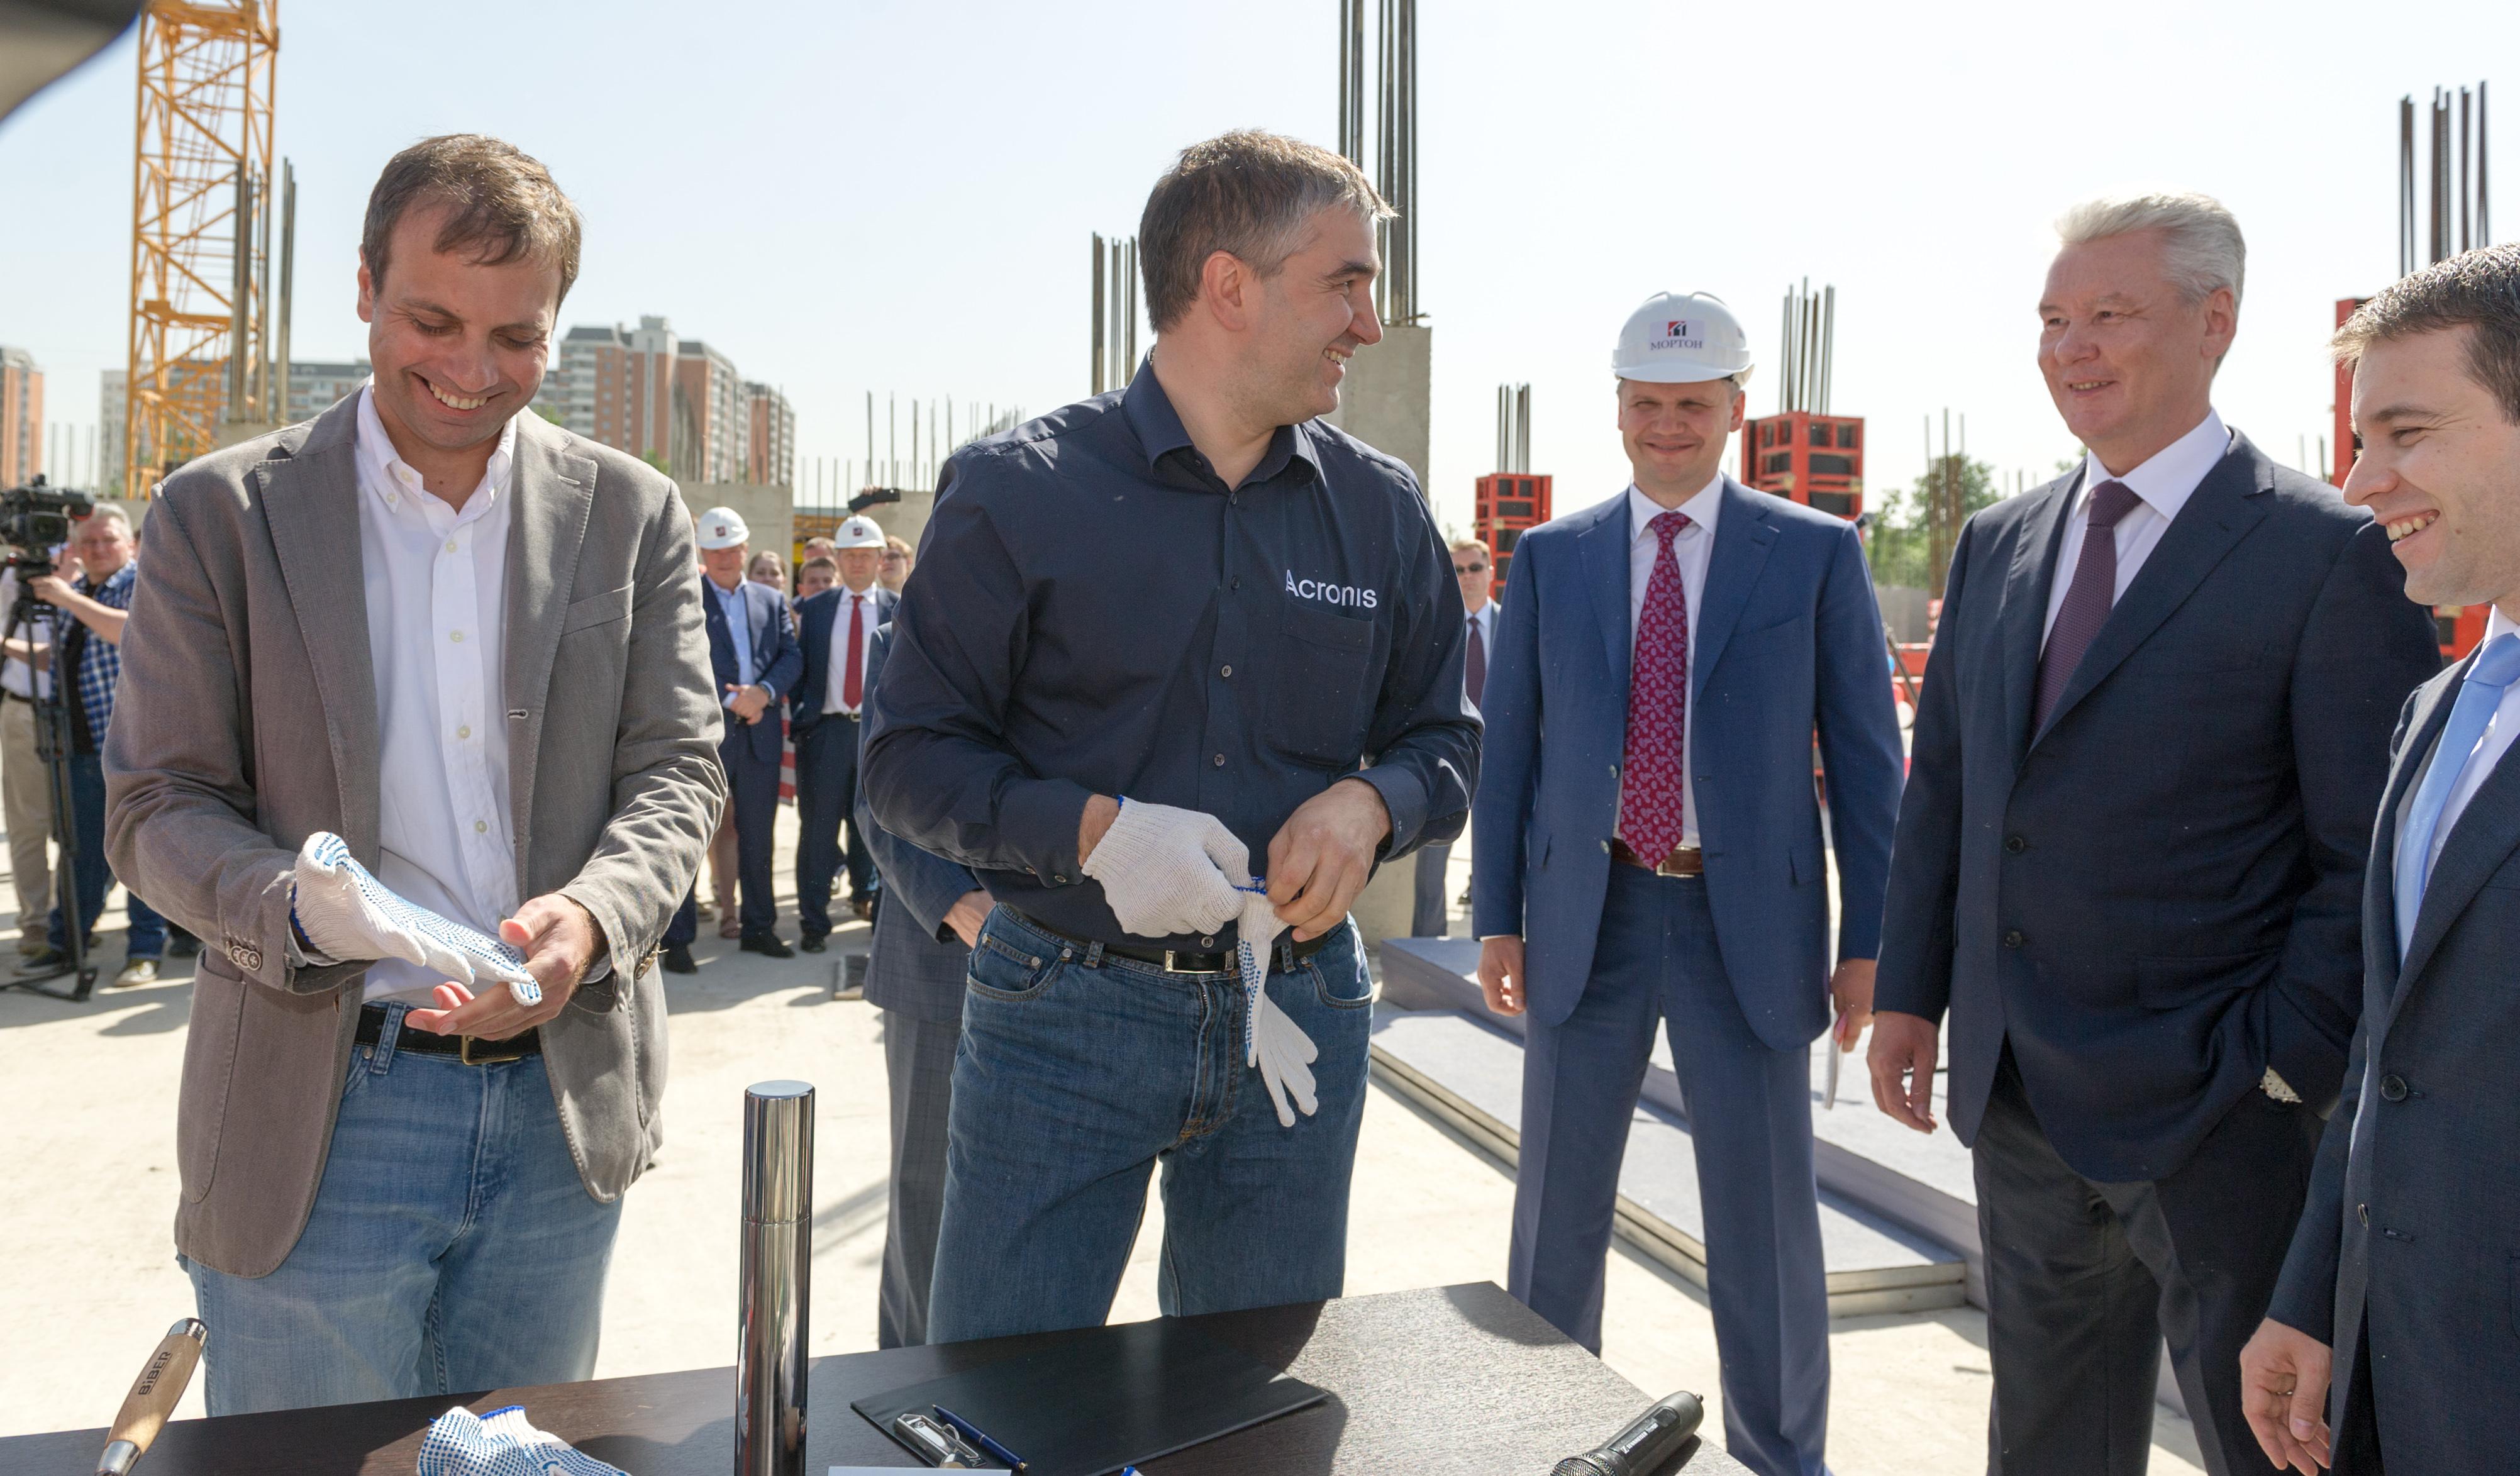 Сергей Собянин во время закладки капсулы в фундамент технопарка физико-технического института